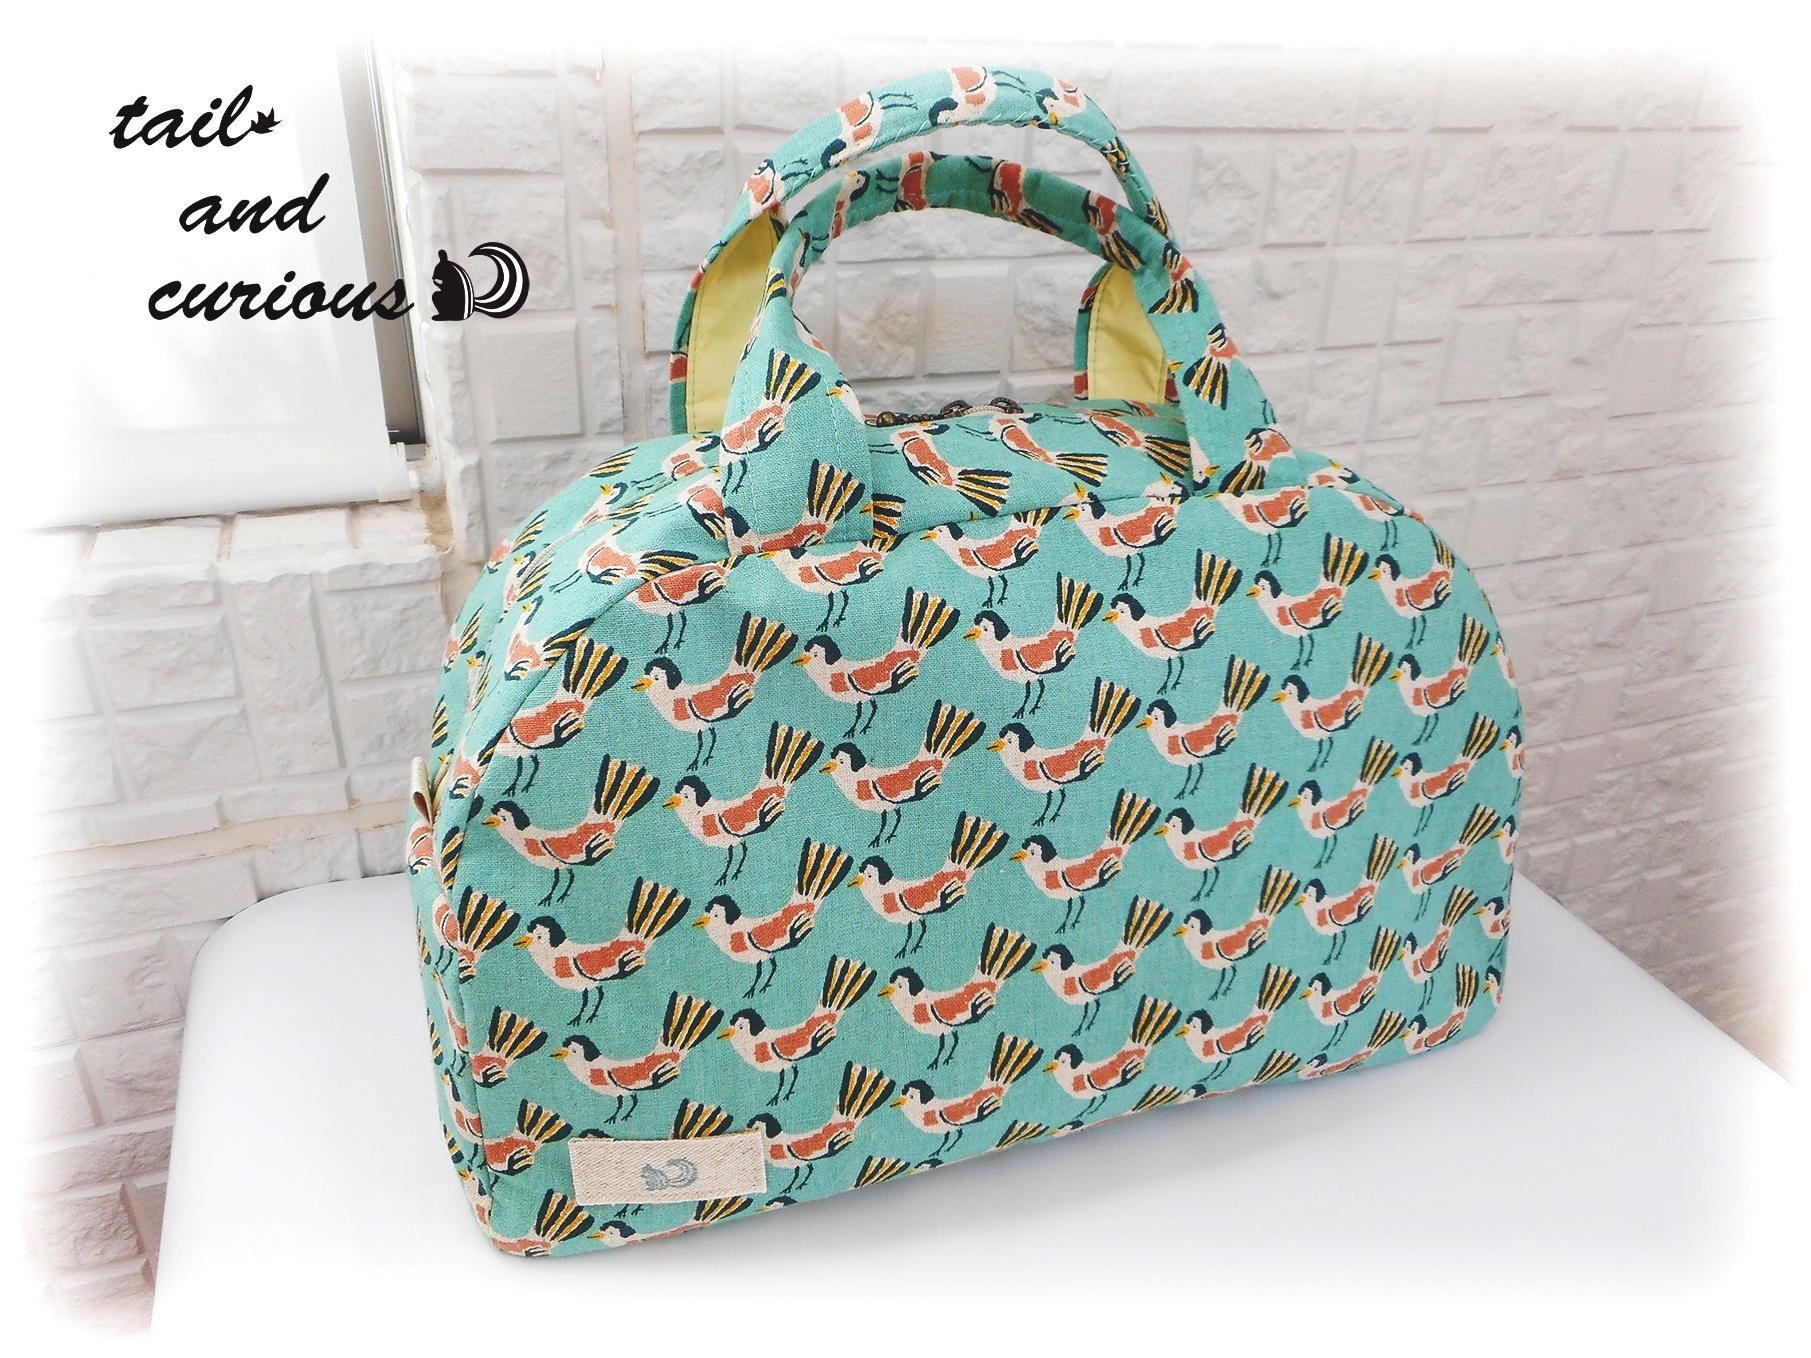 新商品「お出かけに連れて行きたい鳥のボストンバッグ」をUPしました!